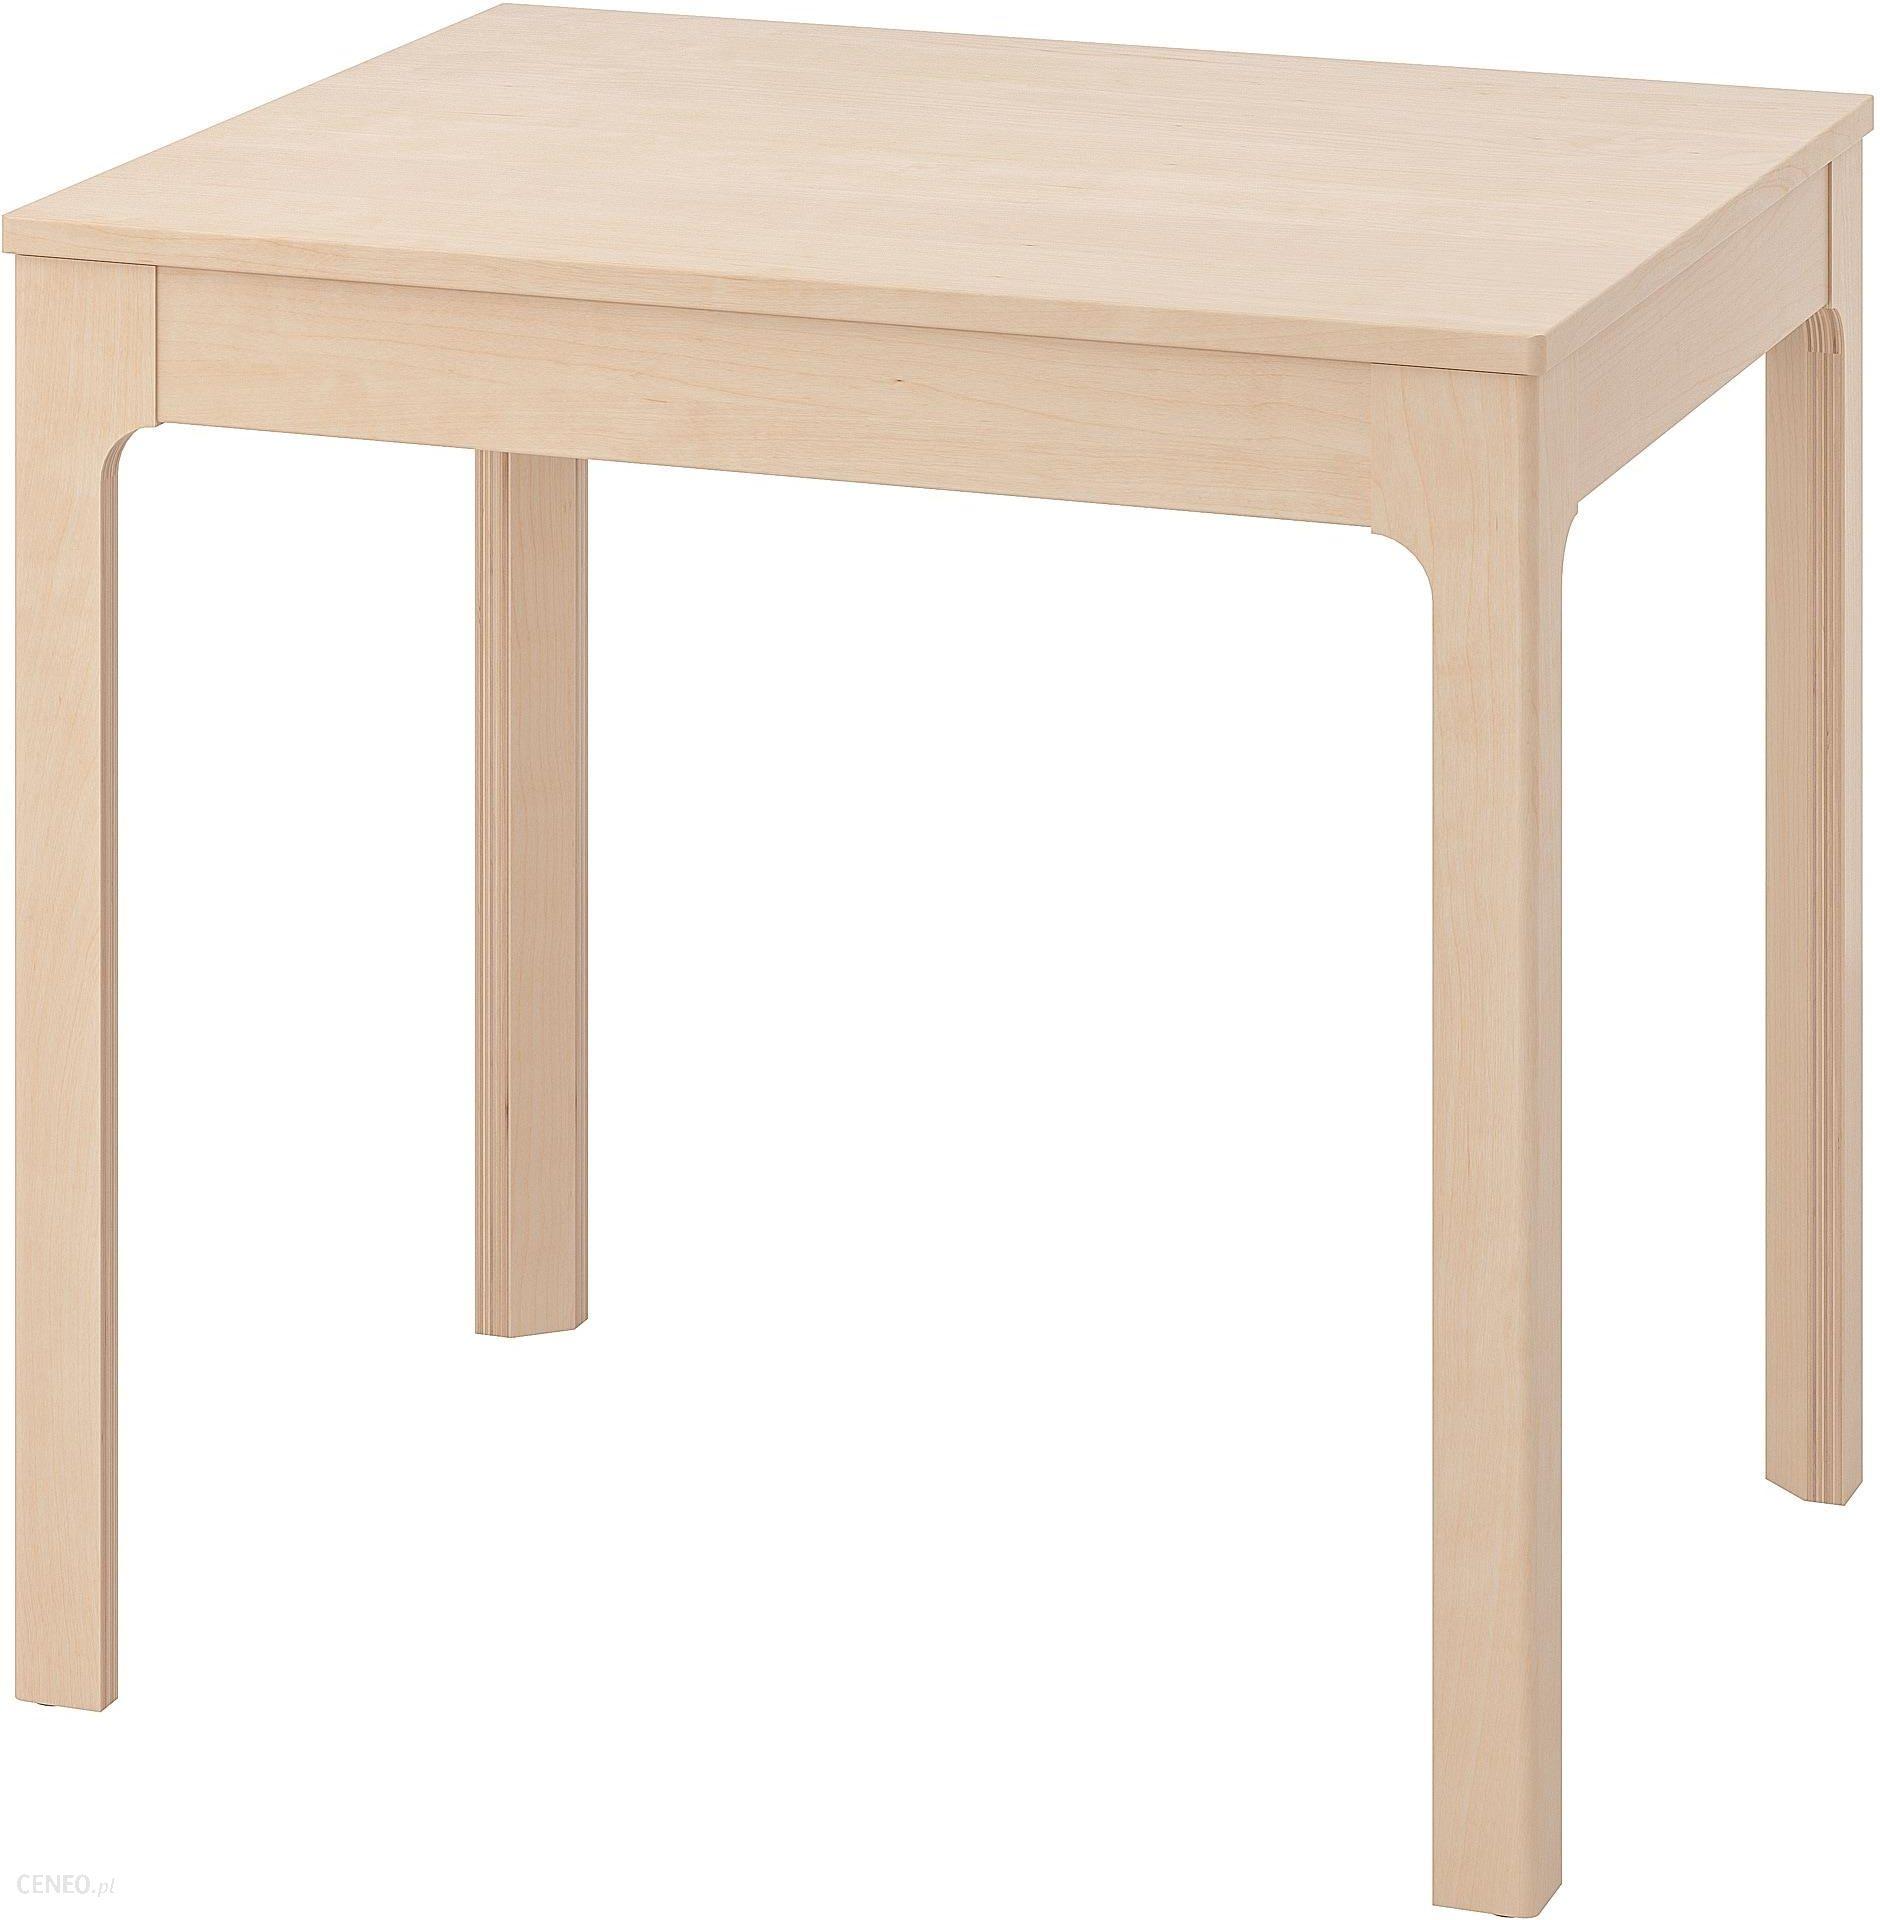 Ikea Ekedalen Stół Rozkładany 340839 Opinie I Atrakcyjne Ceny Na